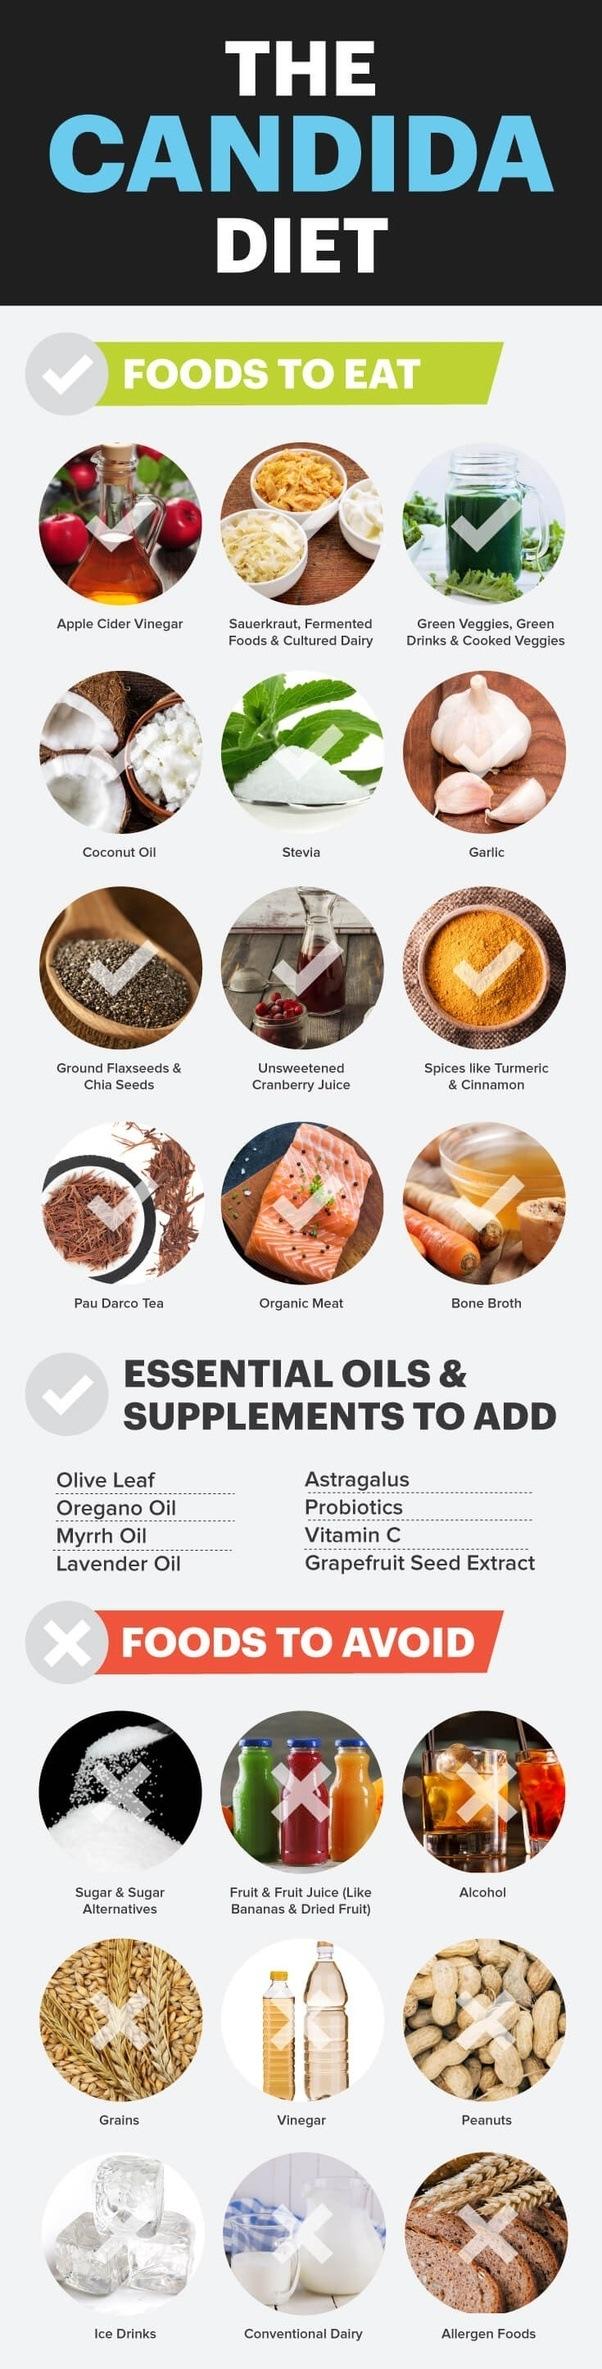 D4 diet pills reviews picture 6